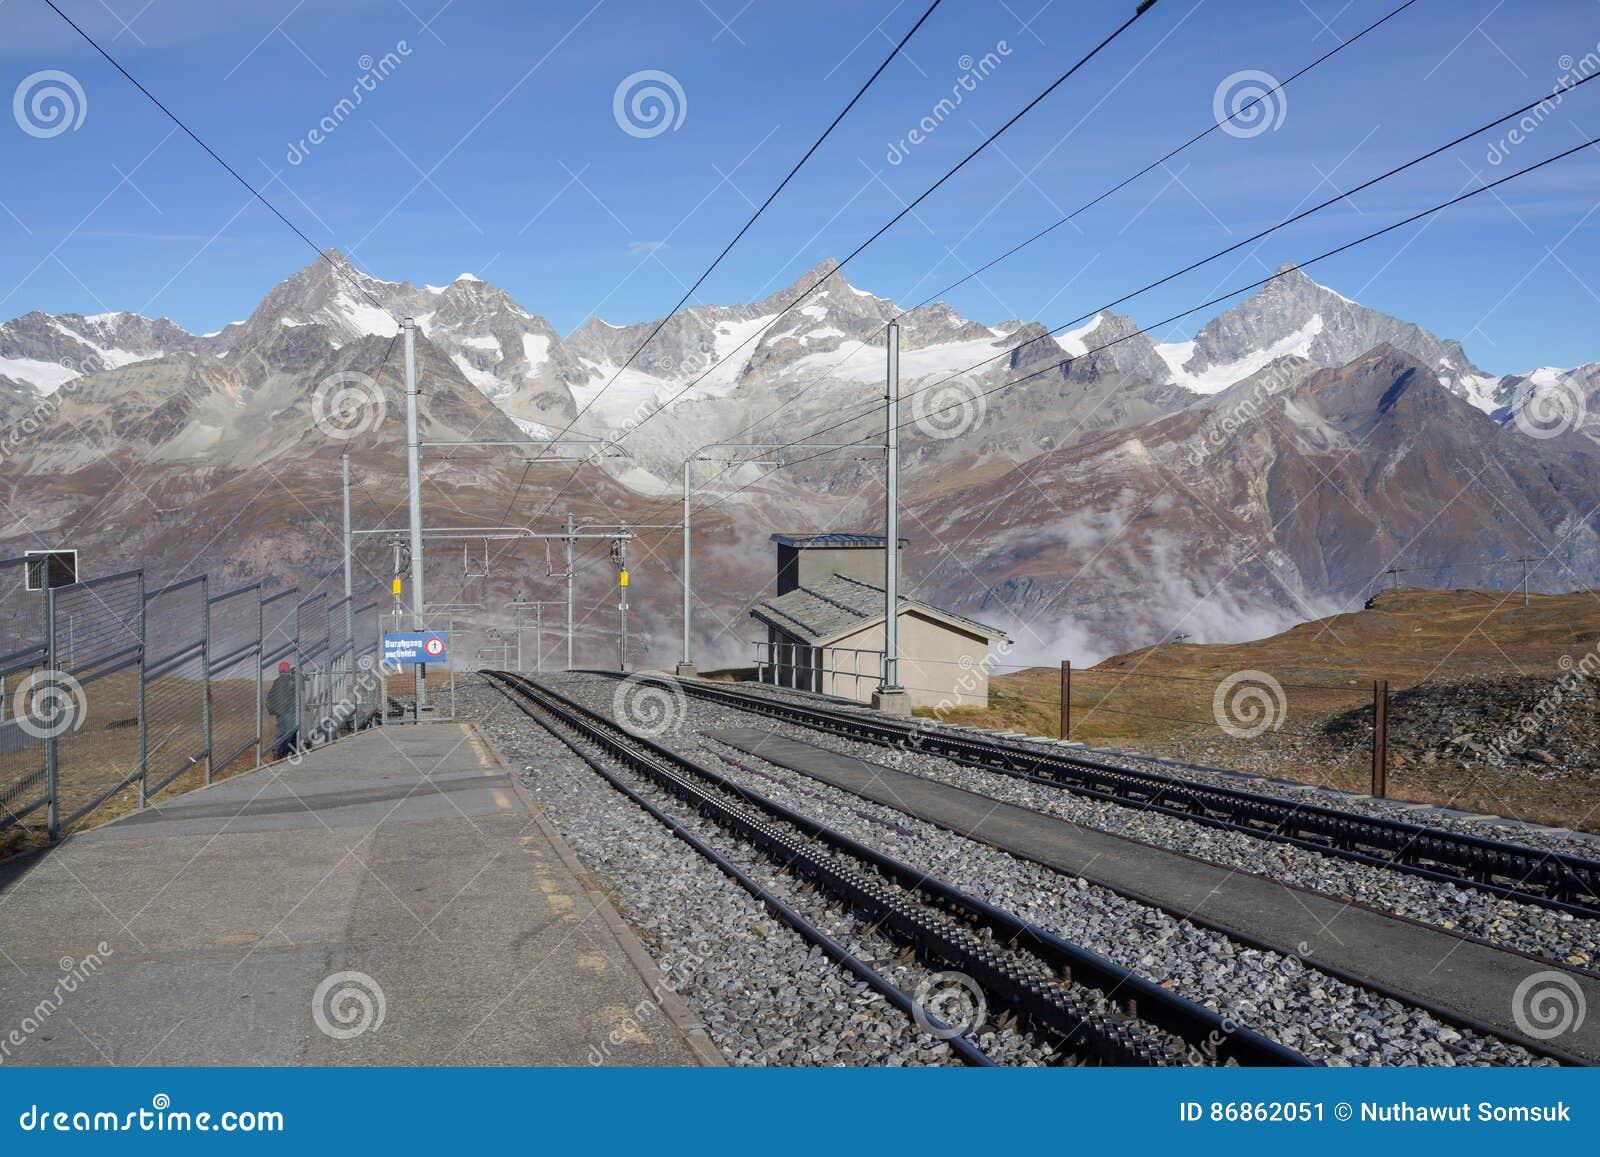 The railway to Gornergrat Bahn with mountain background, Zermatt Switzerland